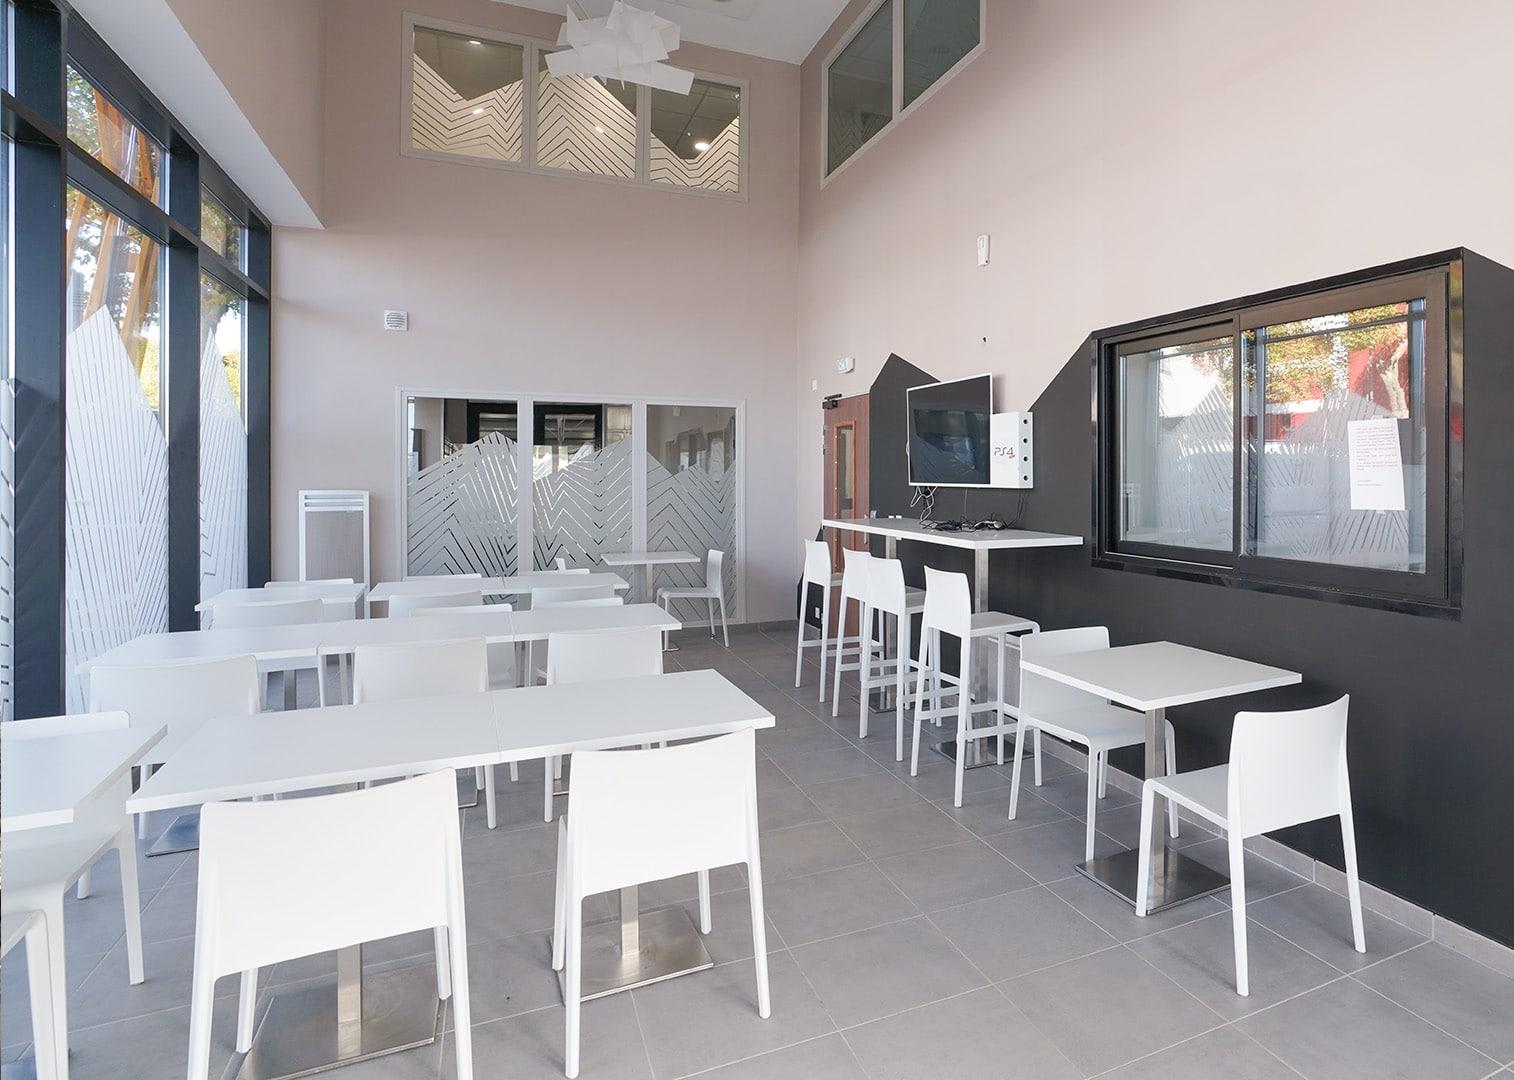 residence-mosaik-cba-rouen-4